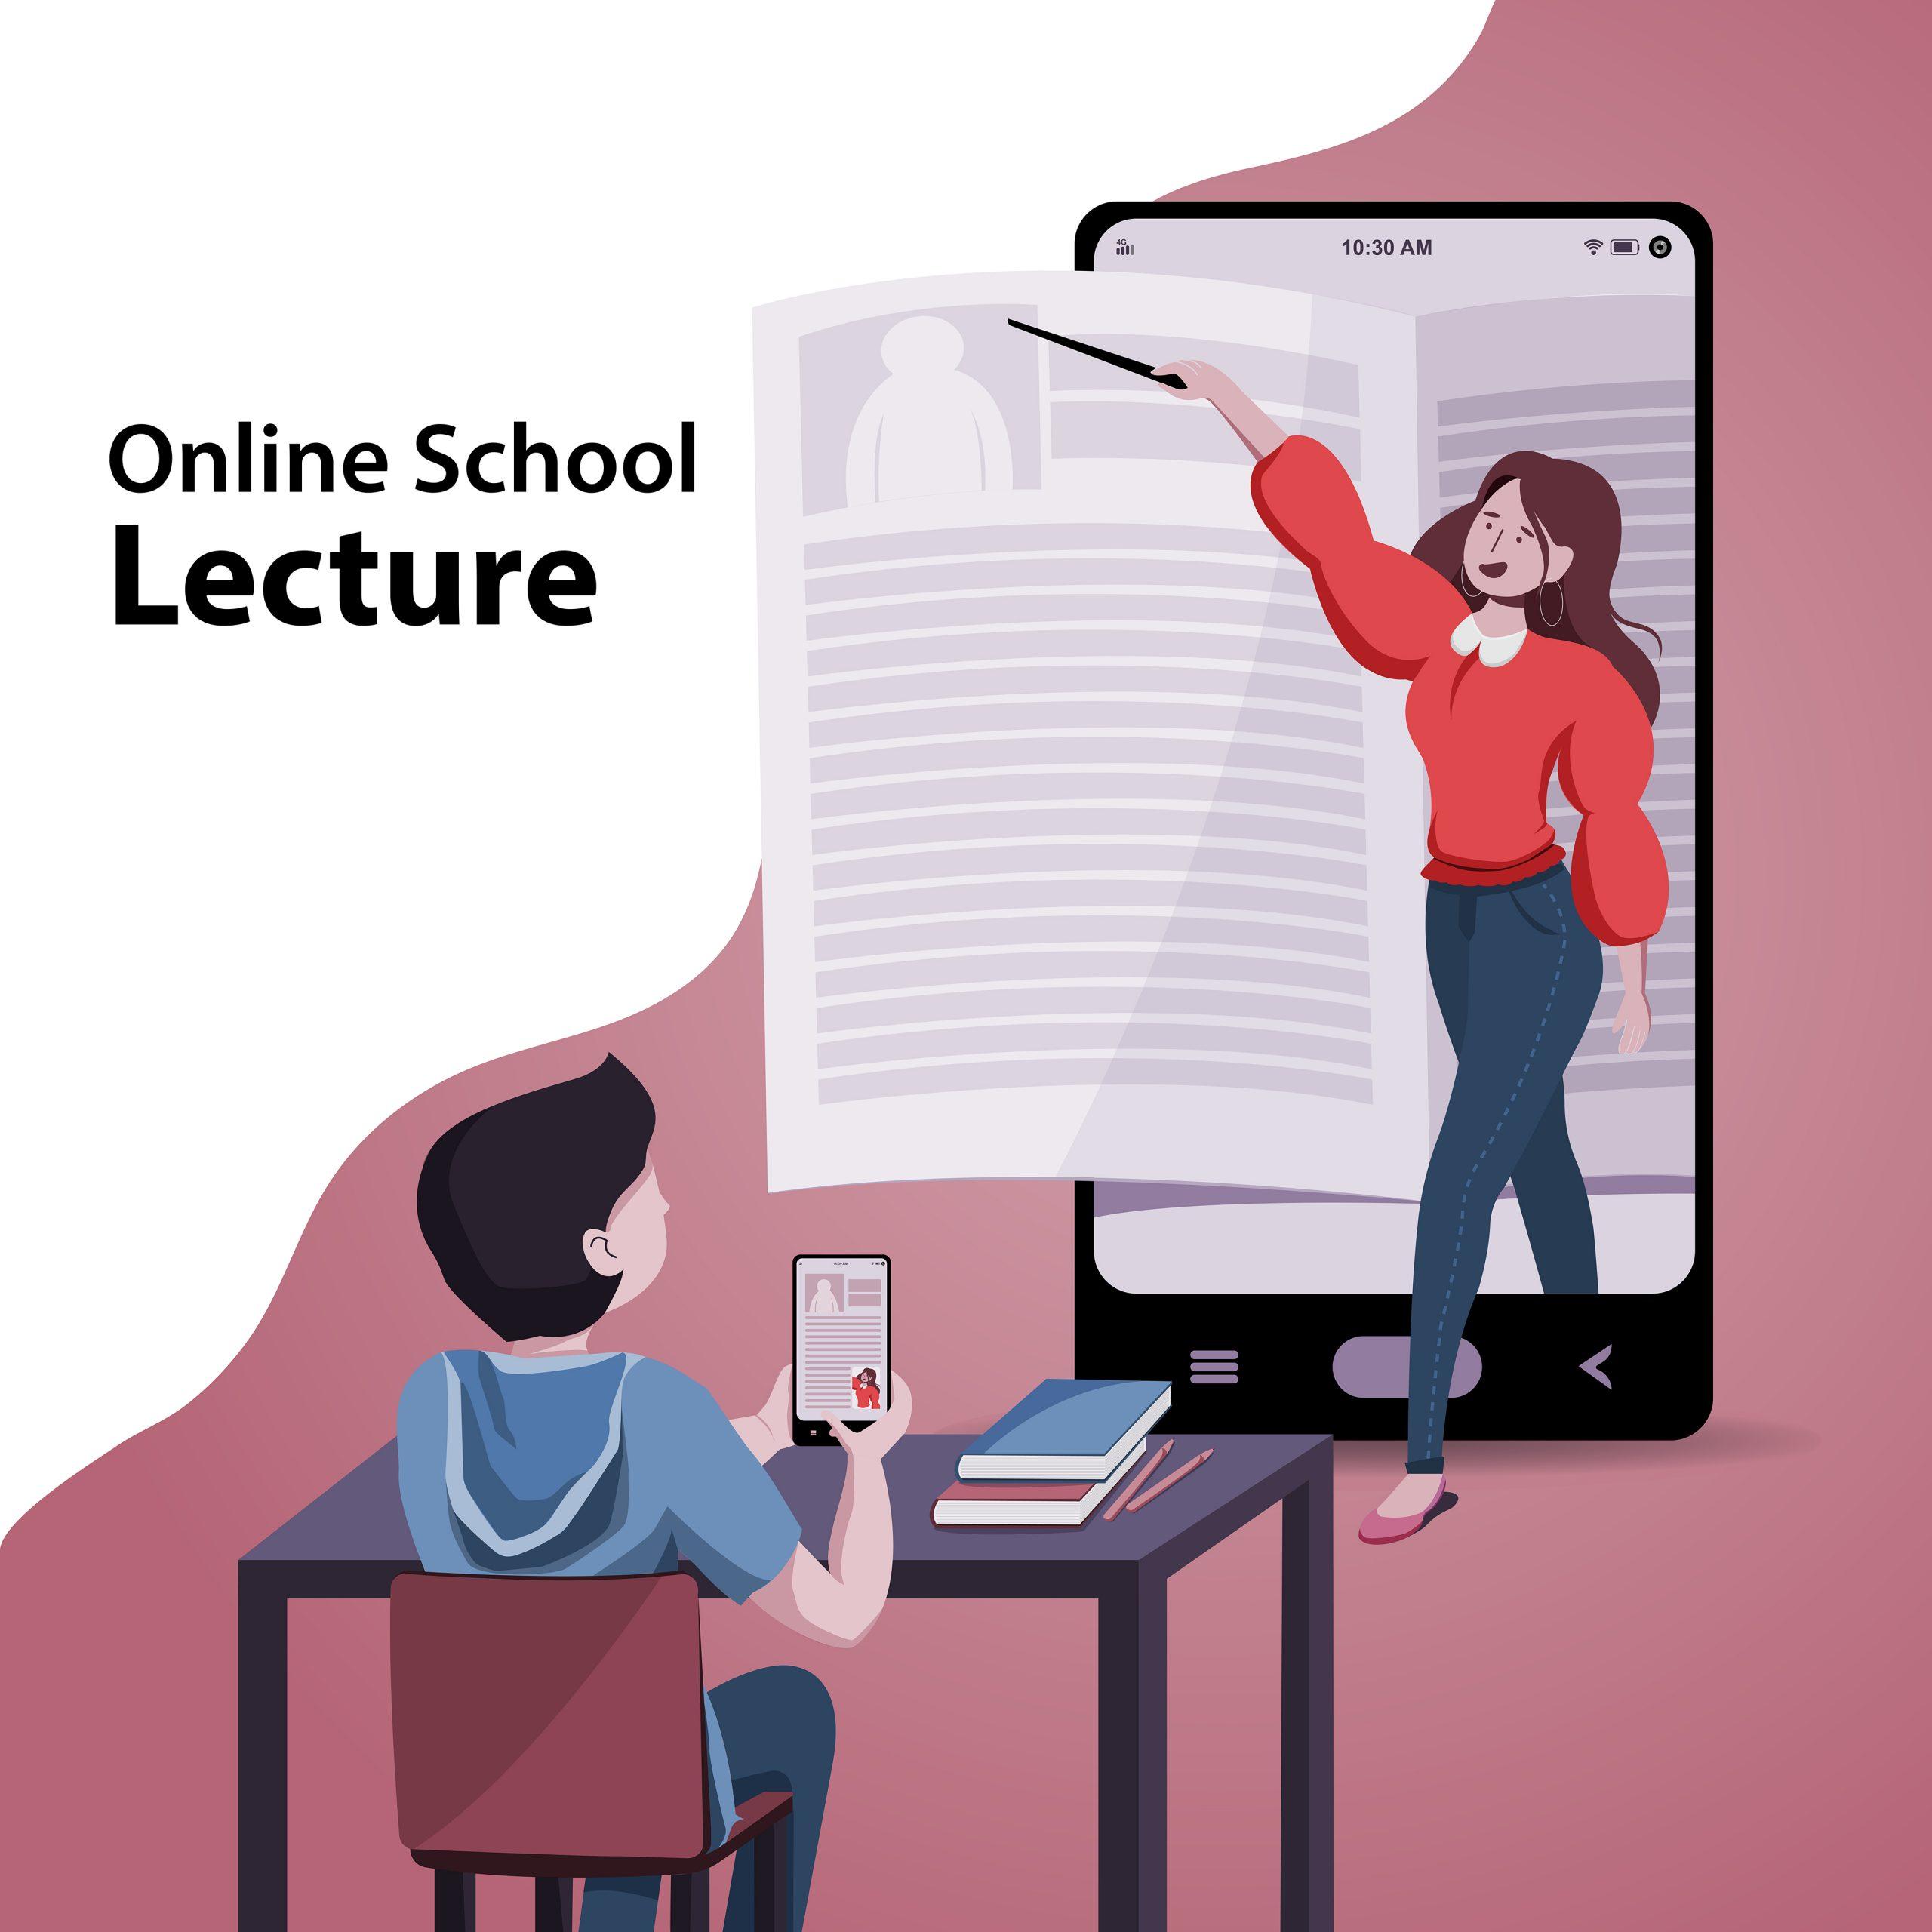 Tiešsaistes skola